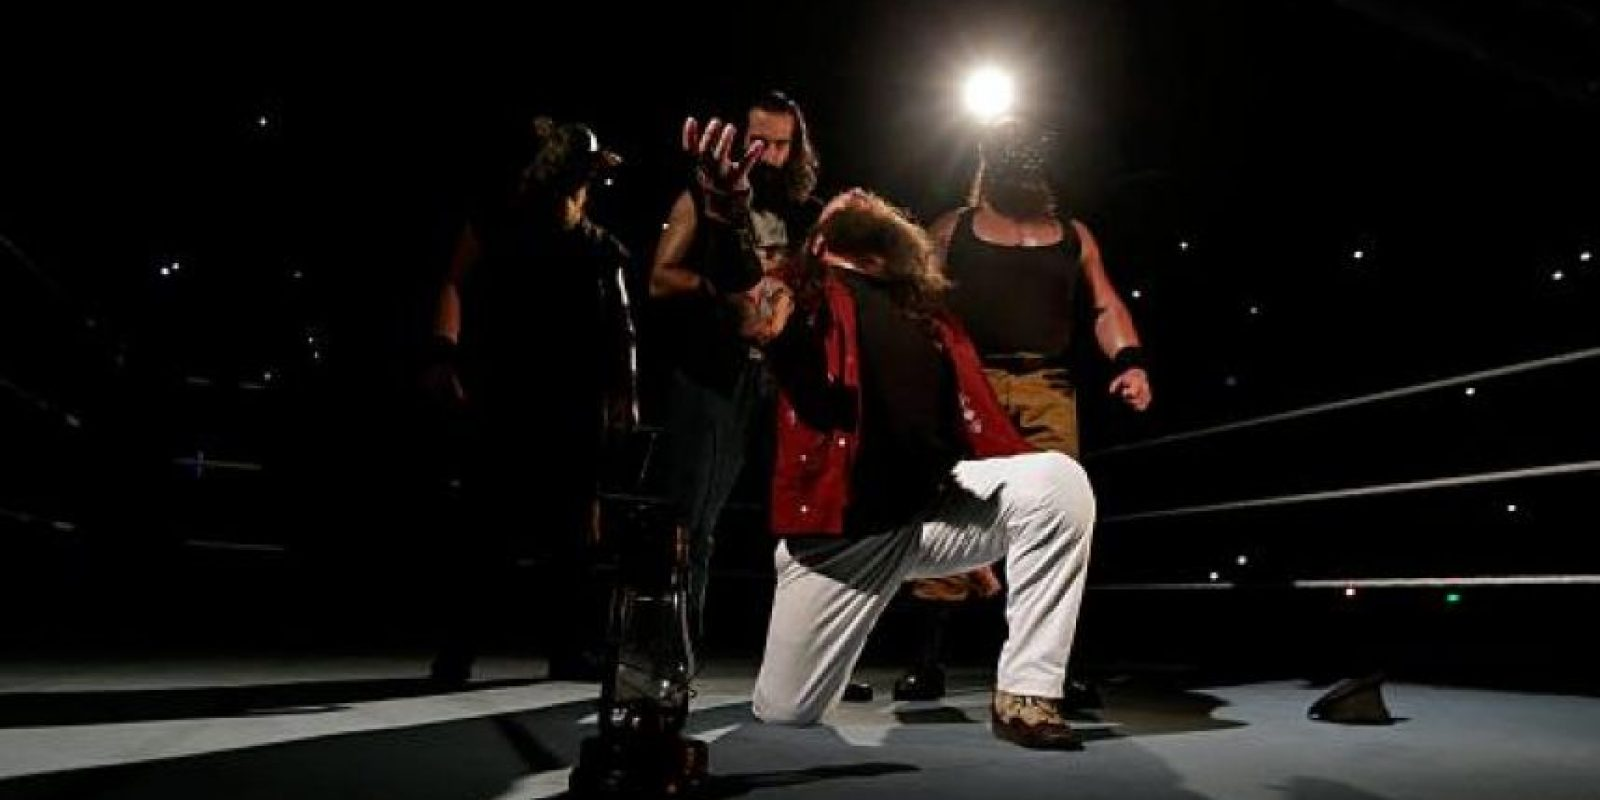 Bray estuvo acompañado por sus aliados Foto:WWE